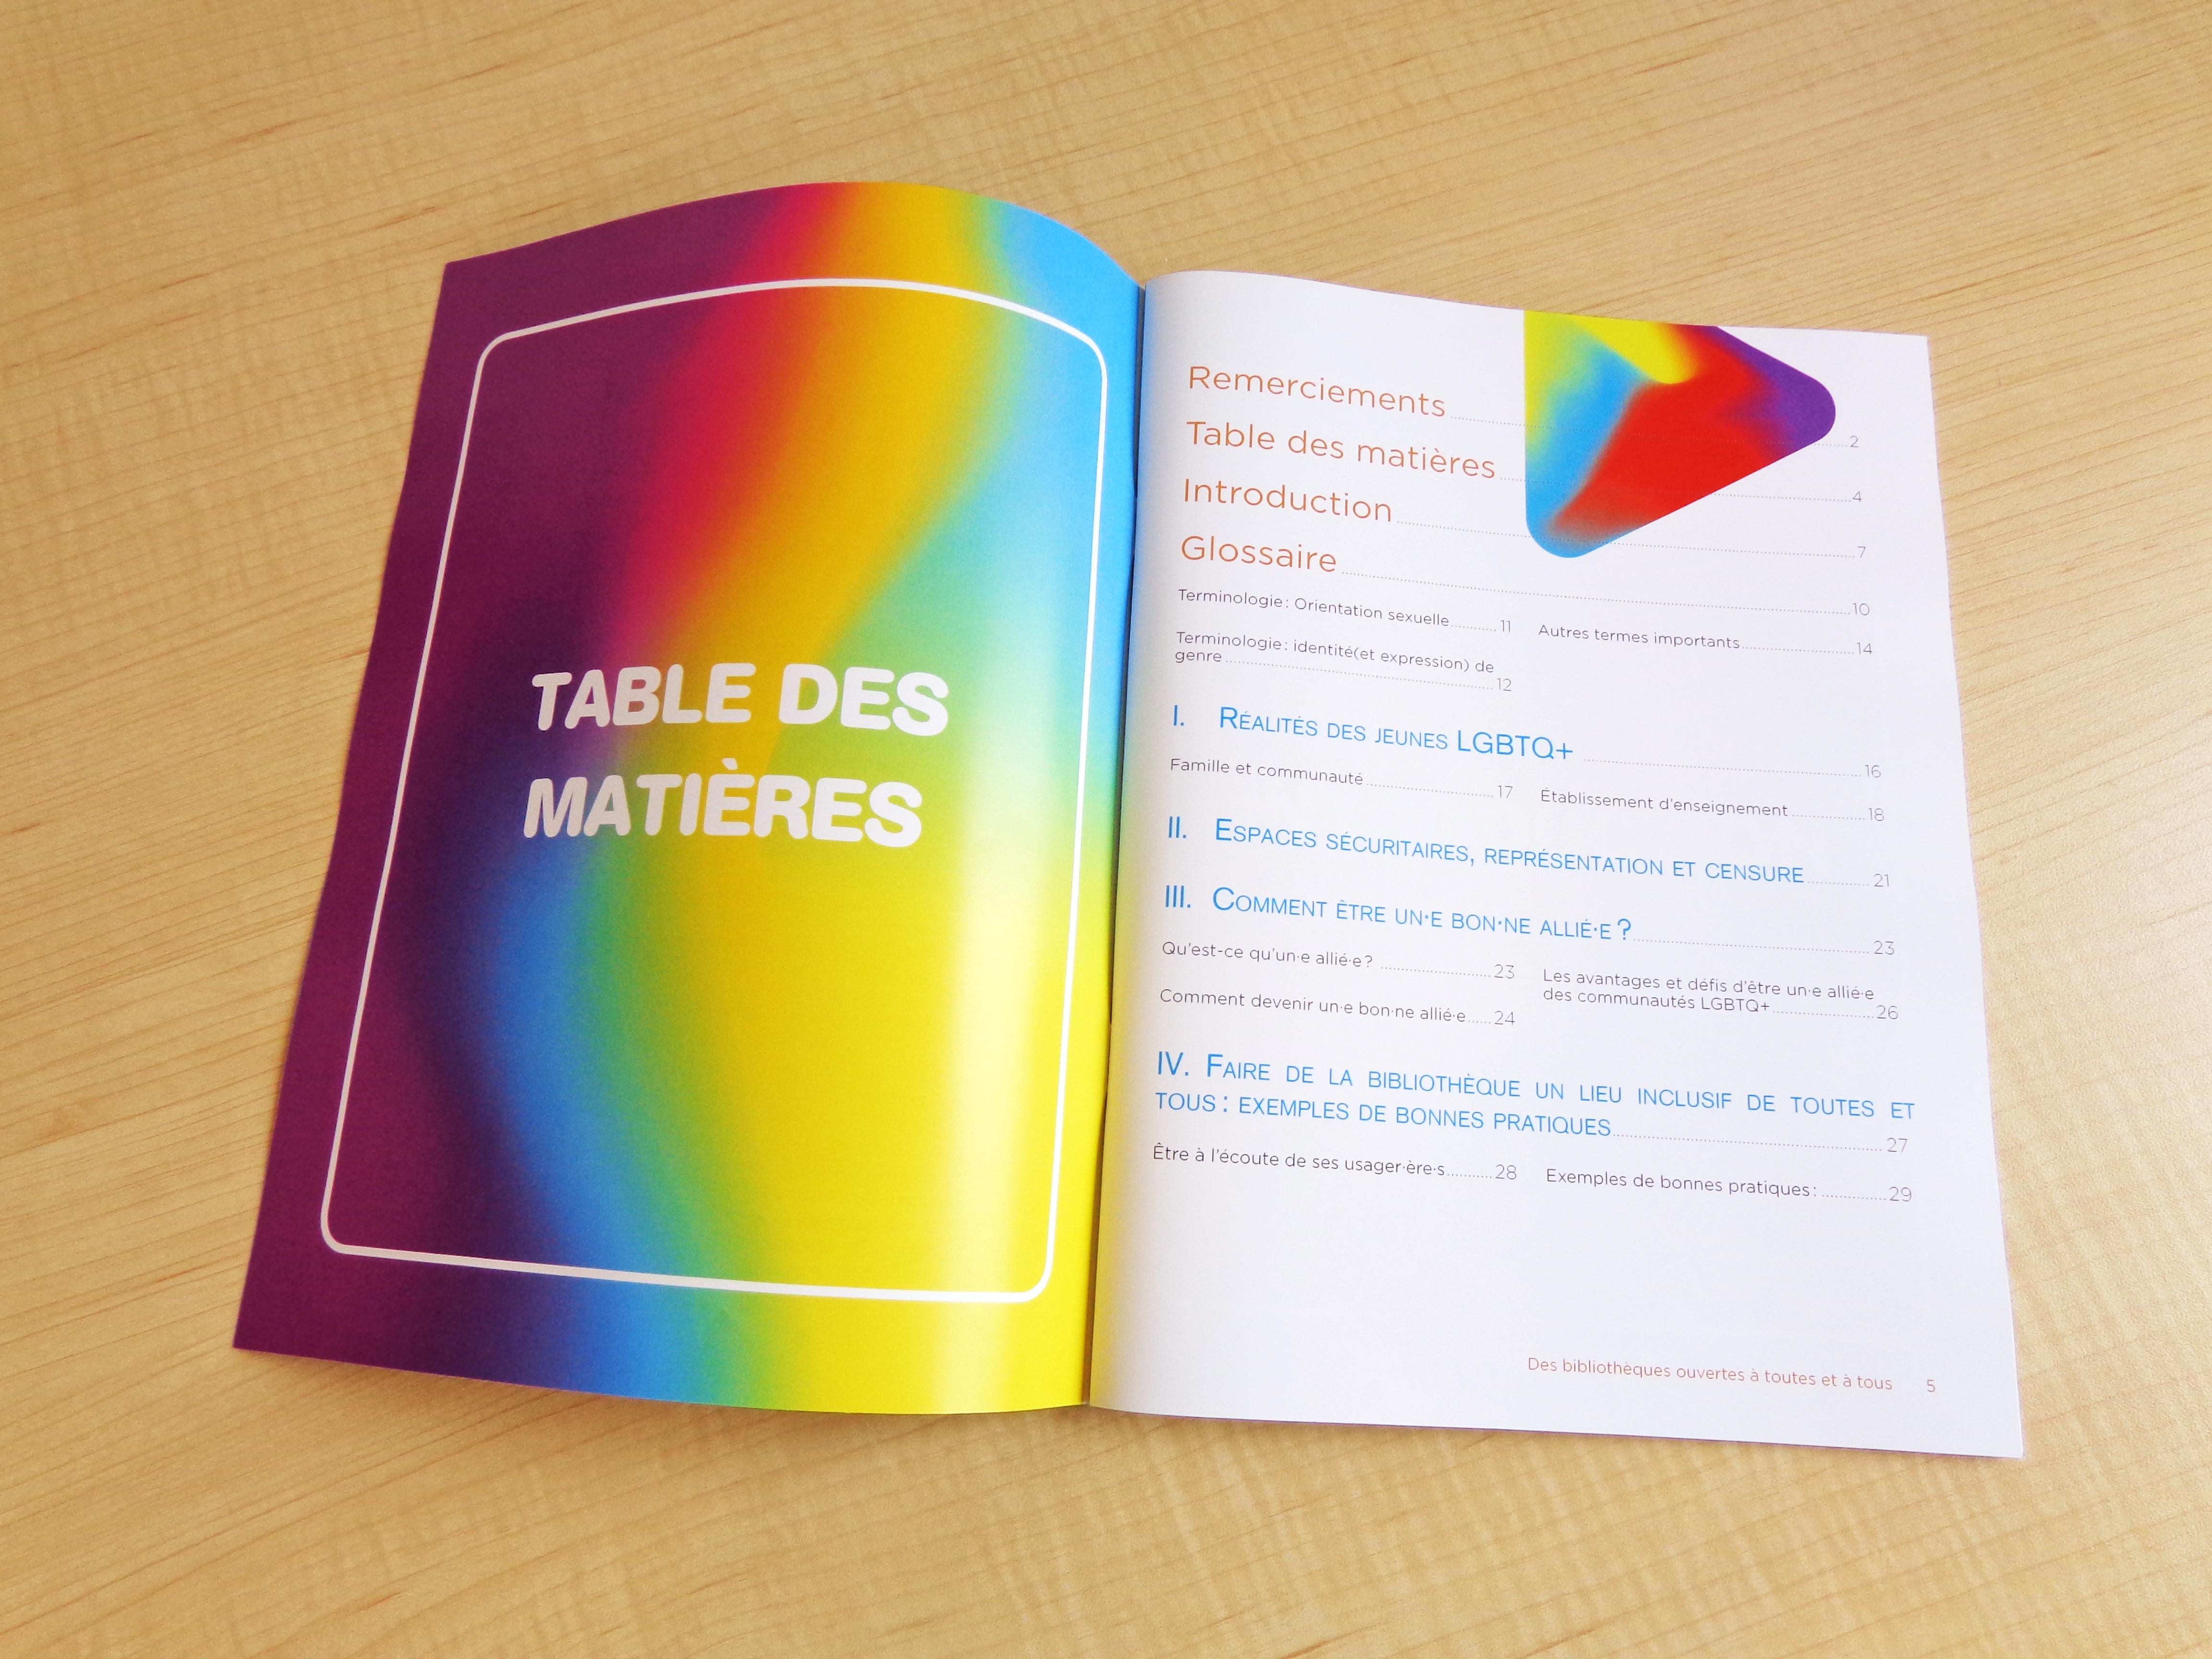 Guide - Table des matières